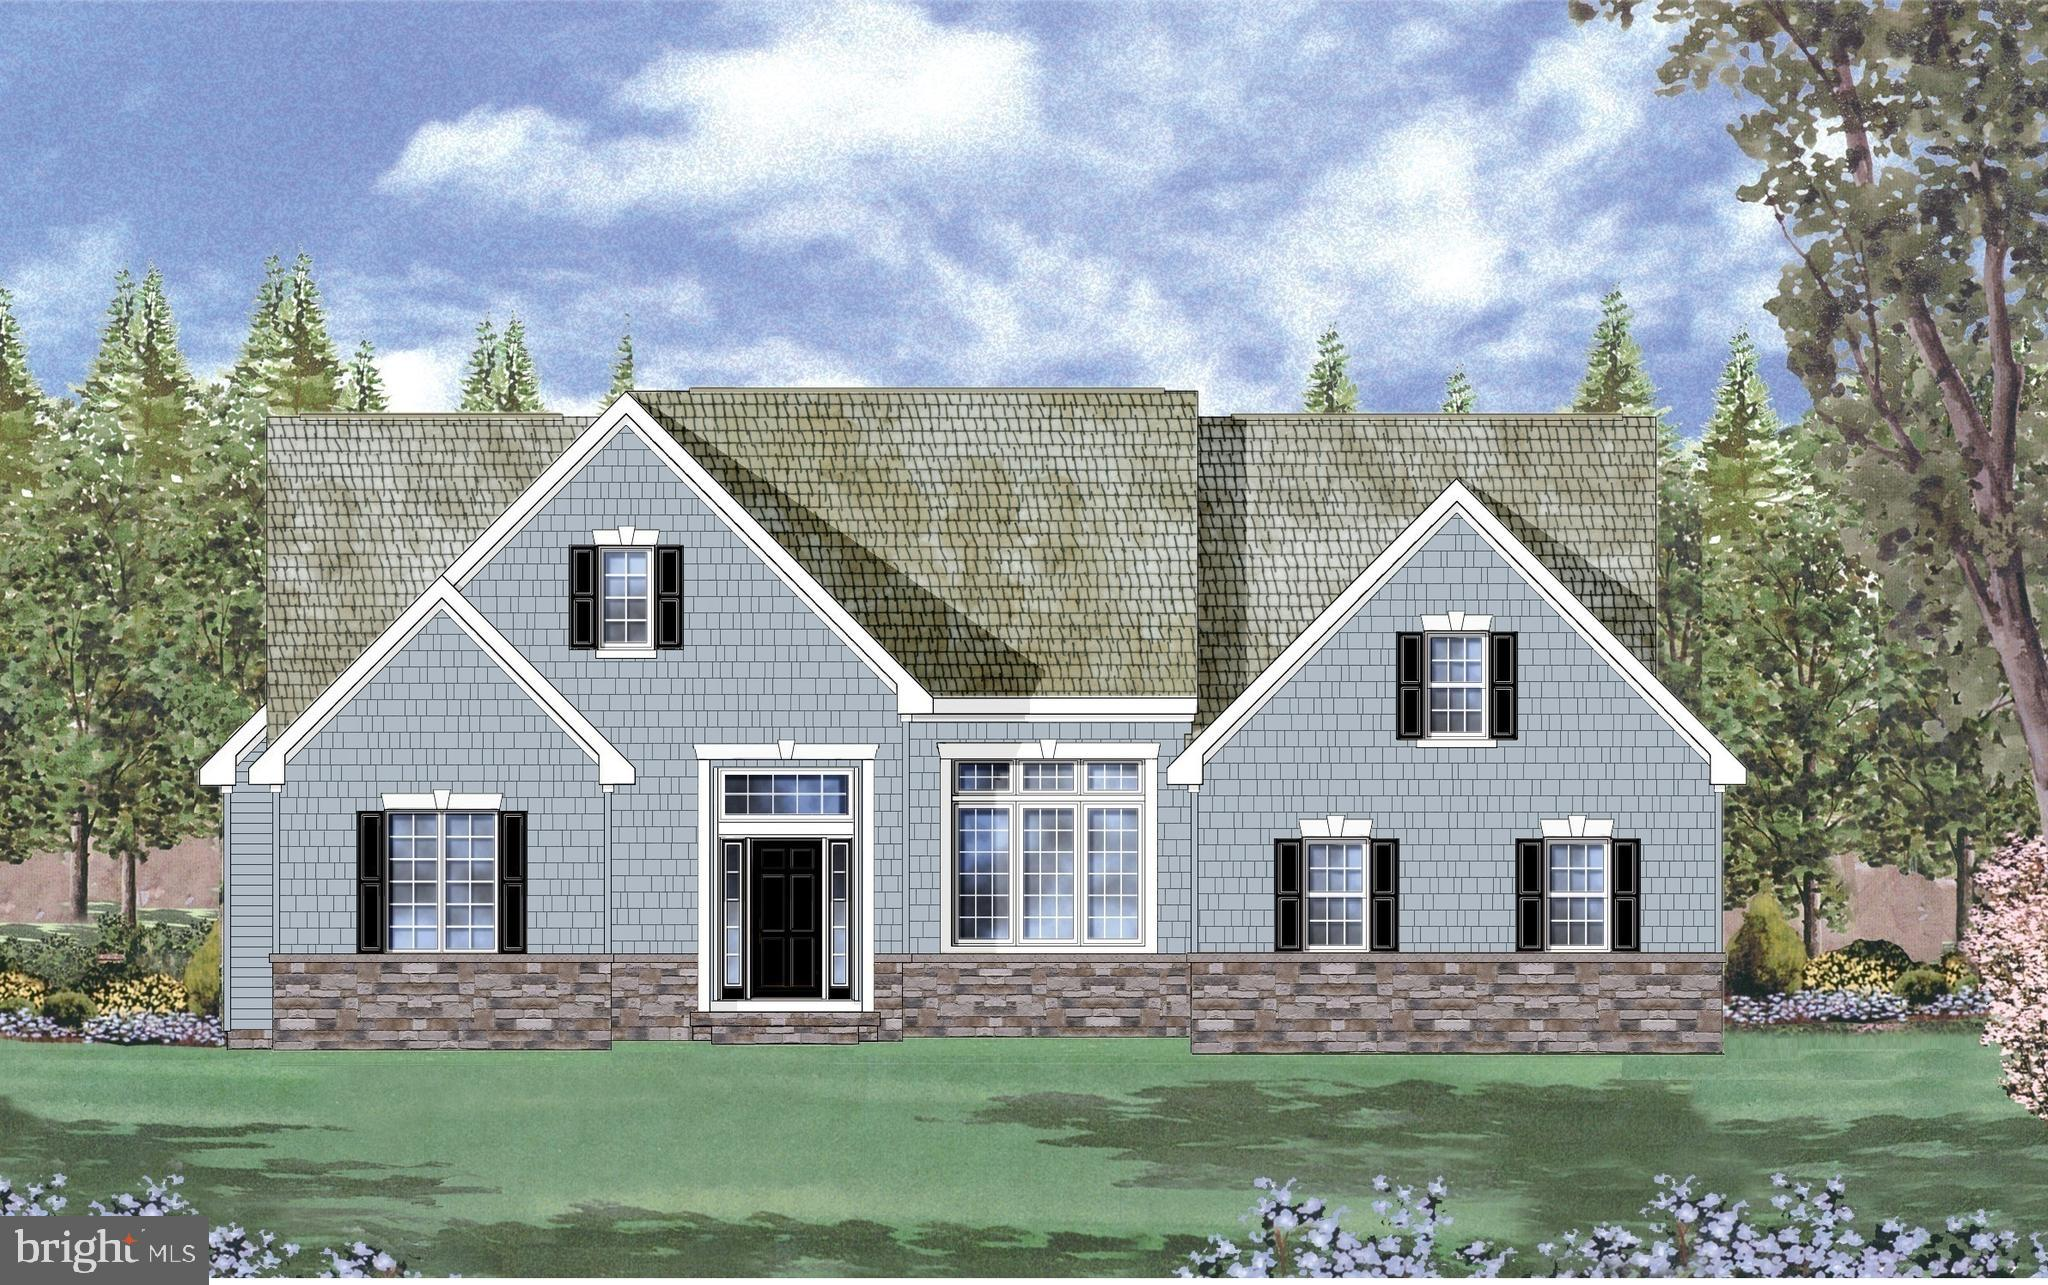 Custom floorplan on homesite #43 with 3 Bedrooms, 2 baths, lark deck and a 3 car garage. *artist renderings shown*